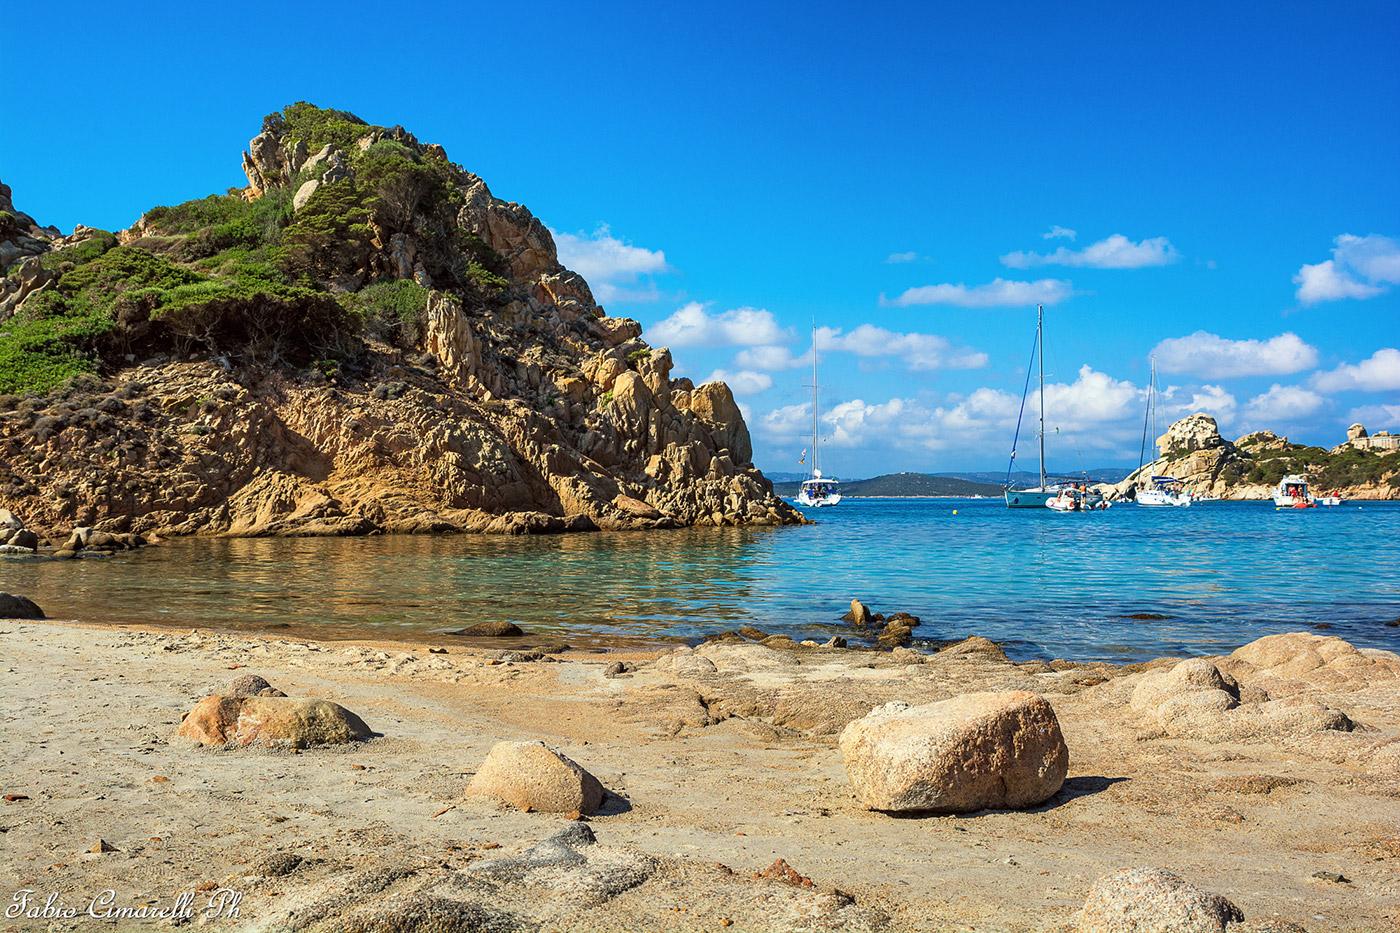 Fabio cimarelli paesaggi mare d 39 italia for Paesaggi per sfondi